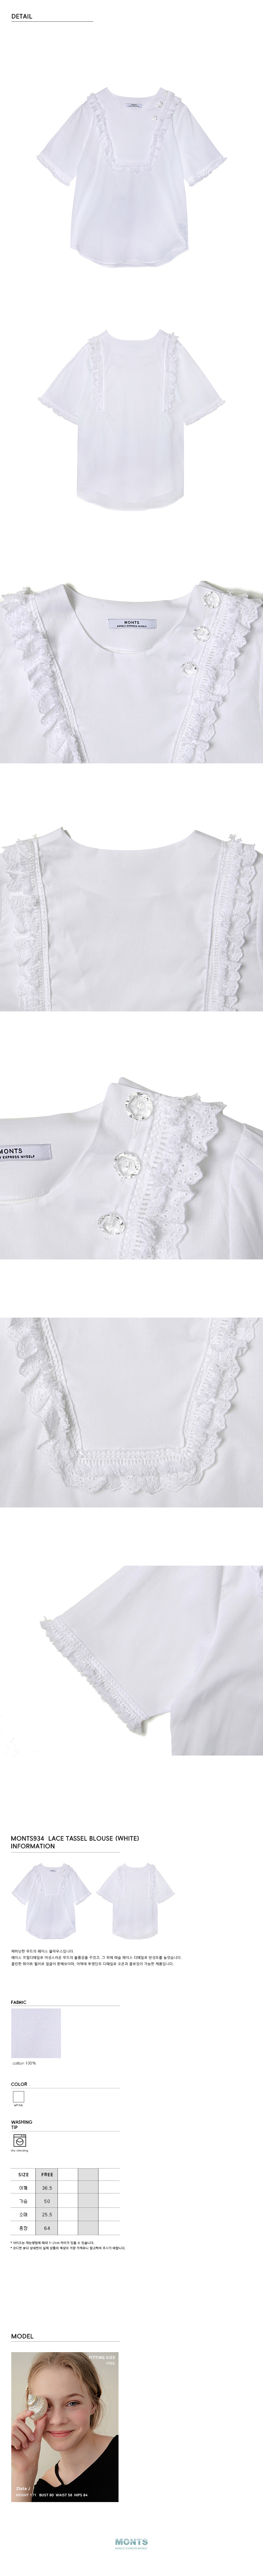 몬츠(MONTS) 934 lace tassel blouse (white)